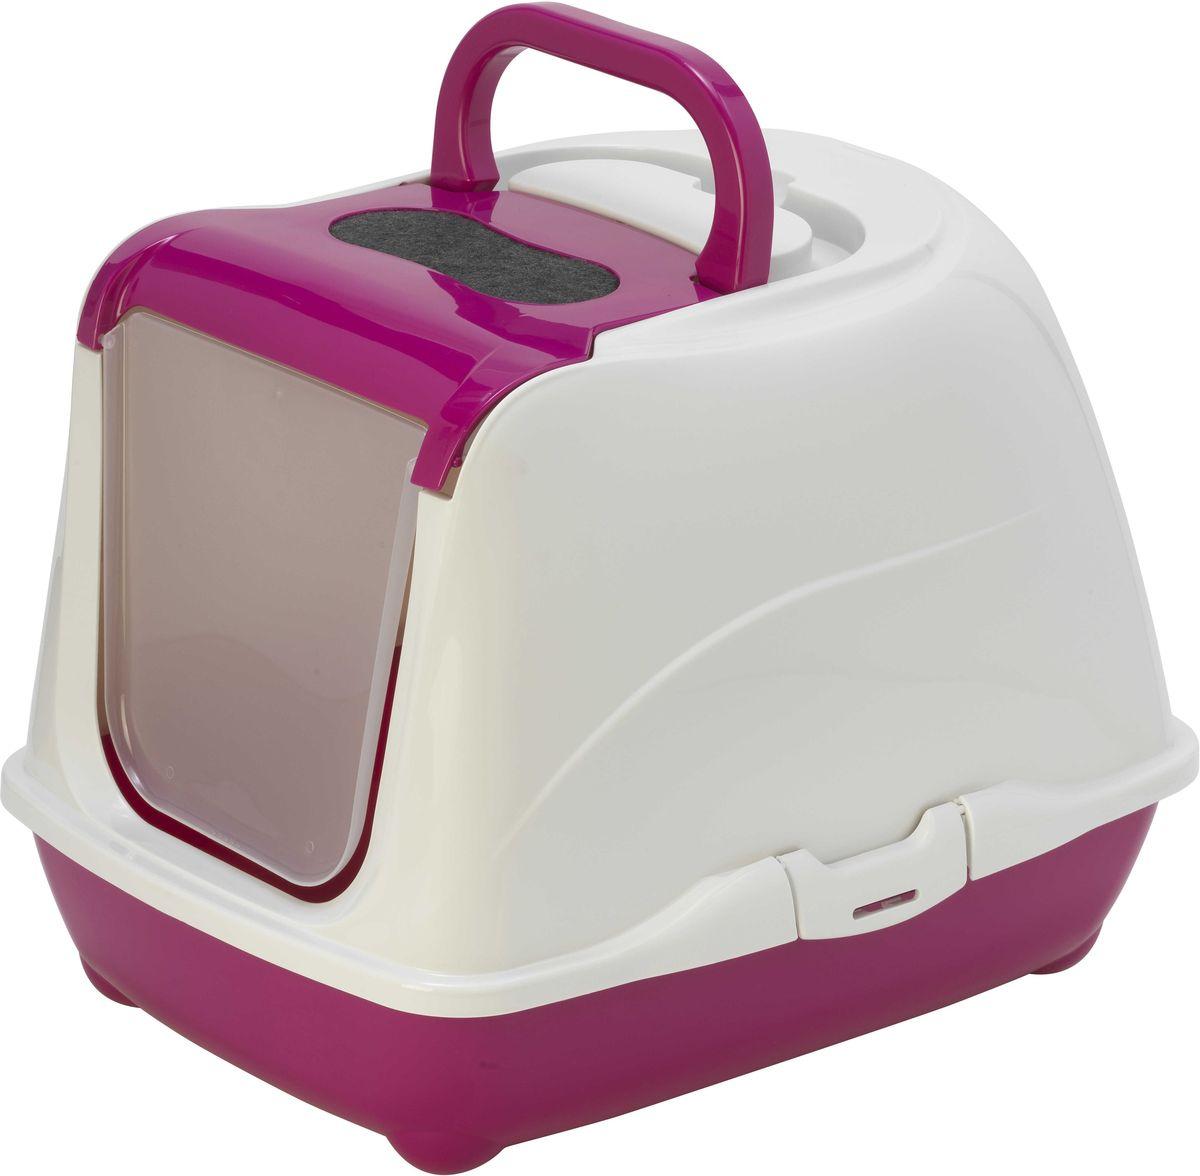 Туалет для кошек Moderna Flip Cat, закрытый, цвет: ярко-розовый, 39 х 50 х 37 см туалет moderna trendy cat домик для кошек с рисунком влюбленные кошки 50 39 37